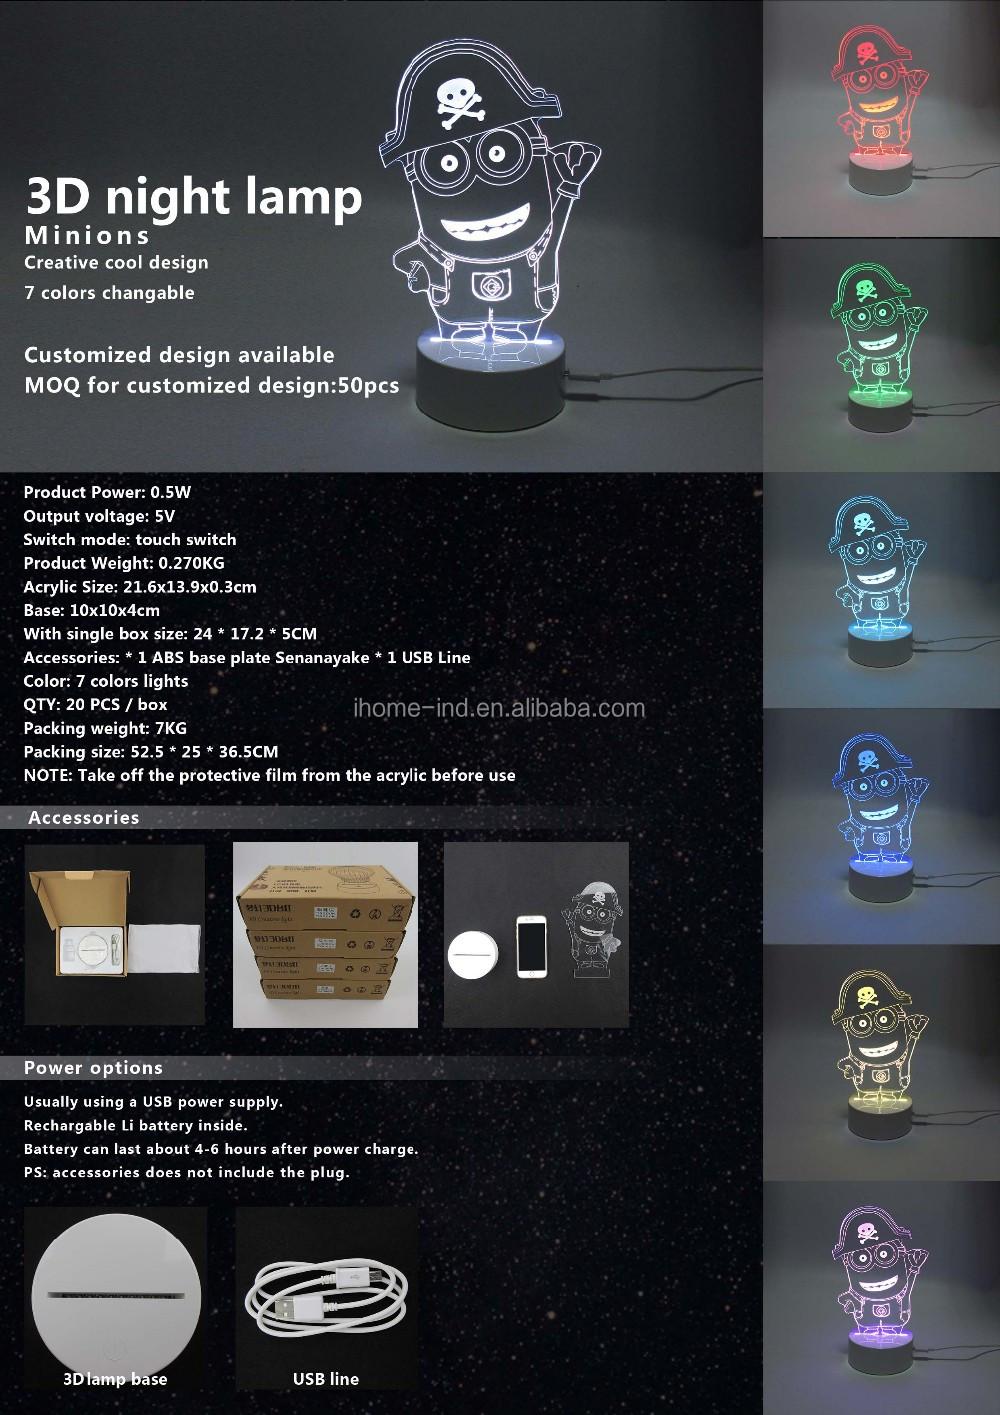 Acrylique Led Buy Veilleuses Coeur Fantaisie Doux Lampe Petites acrylique De Fabrication Fantaisie Idées Amour 0kOnwPX8N